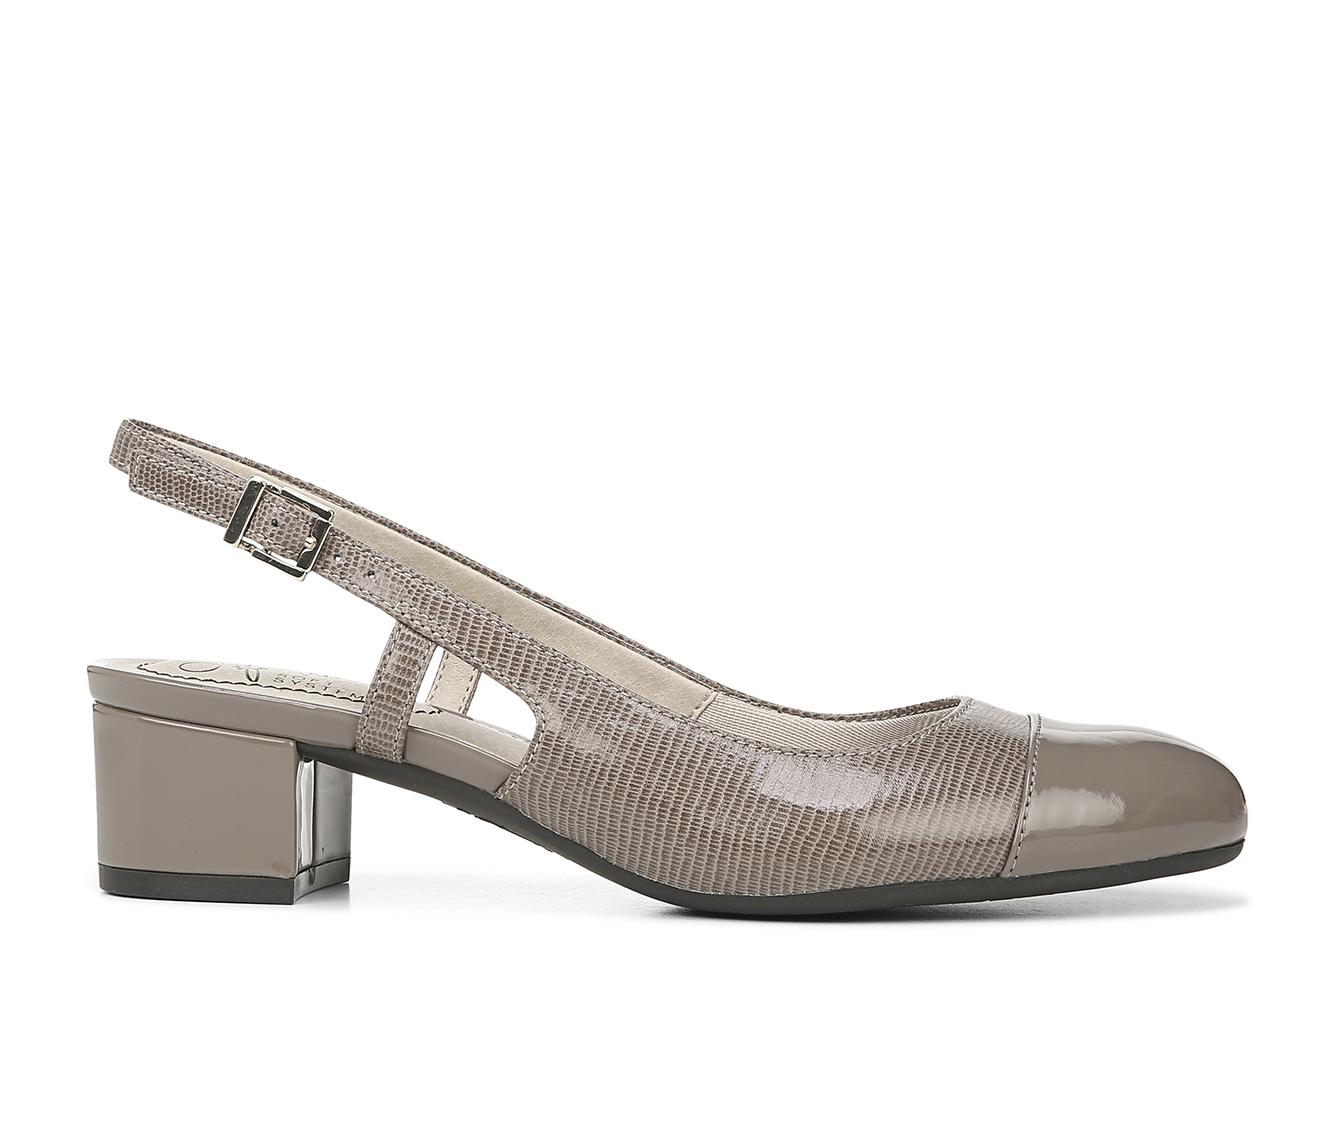 LifeStride Everdeen Women's Dress Shoe (Gray Faux Leather)